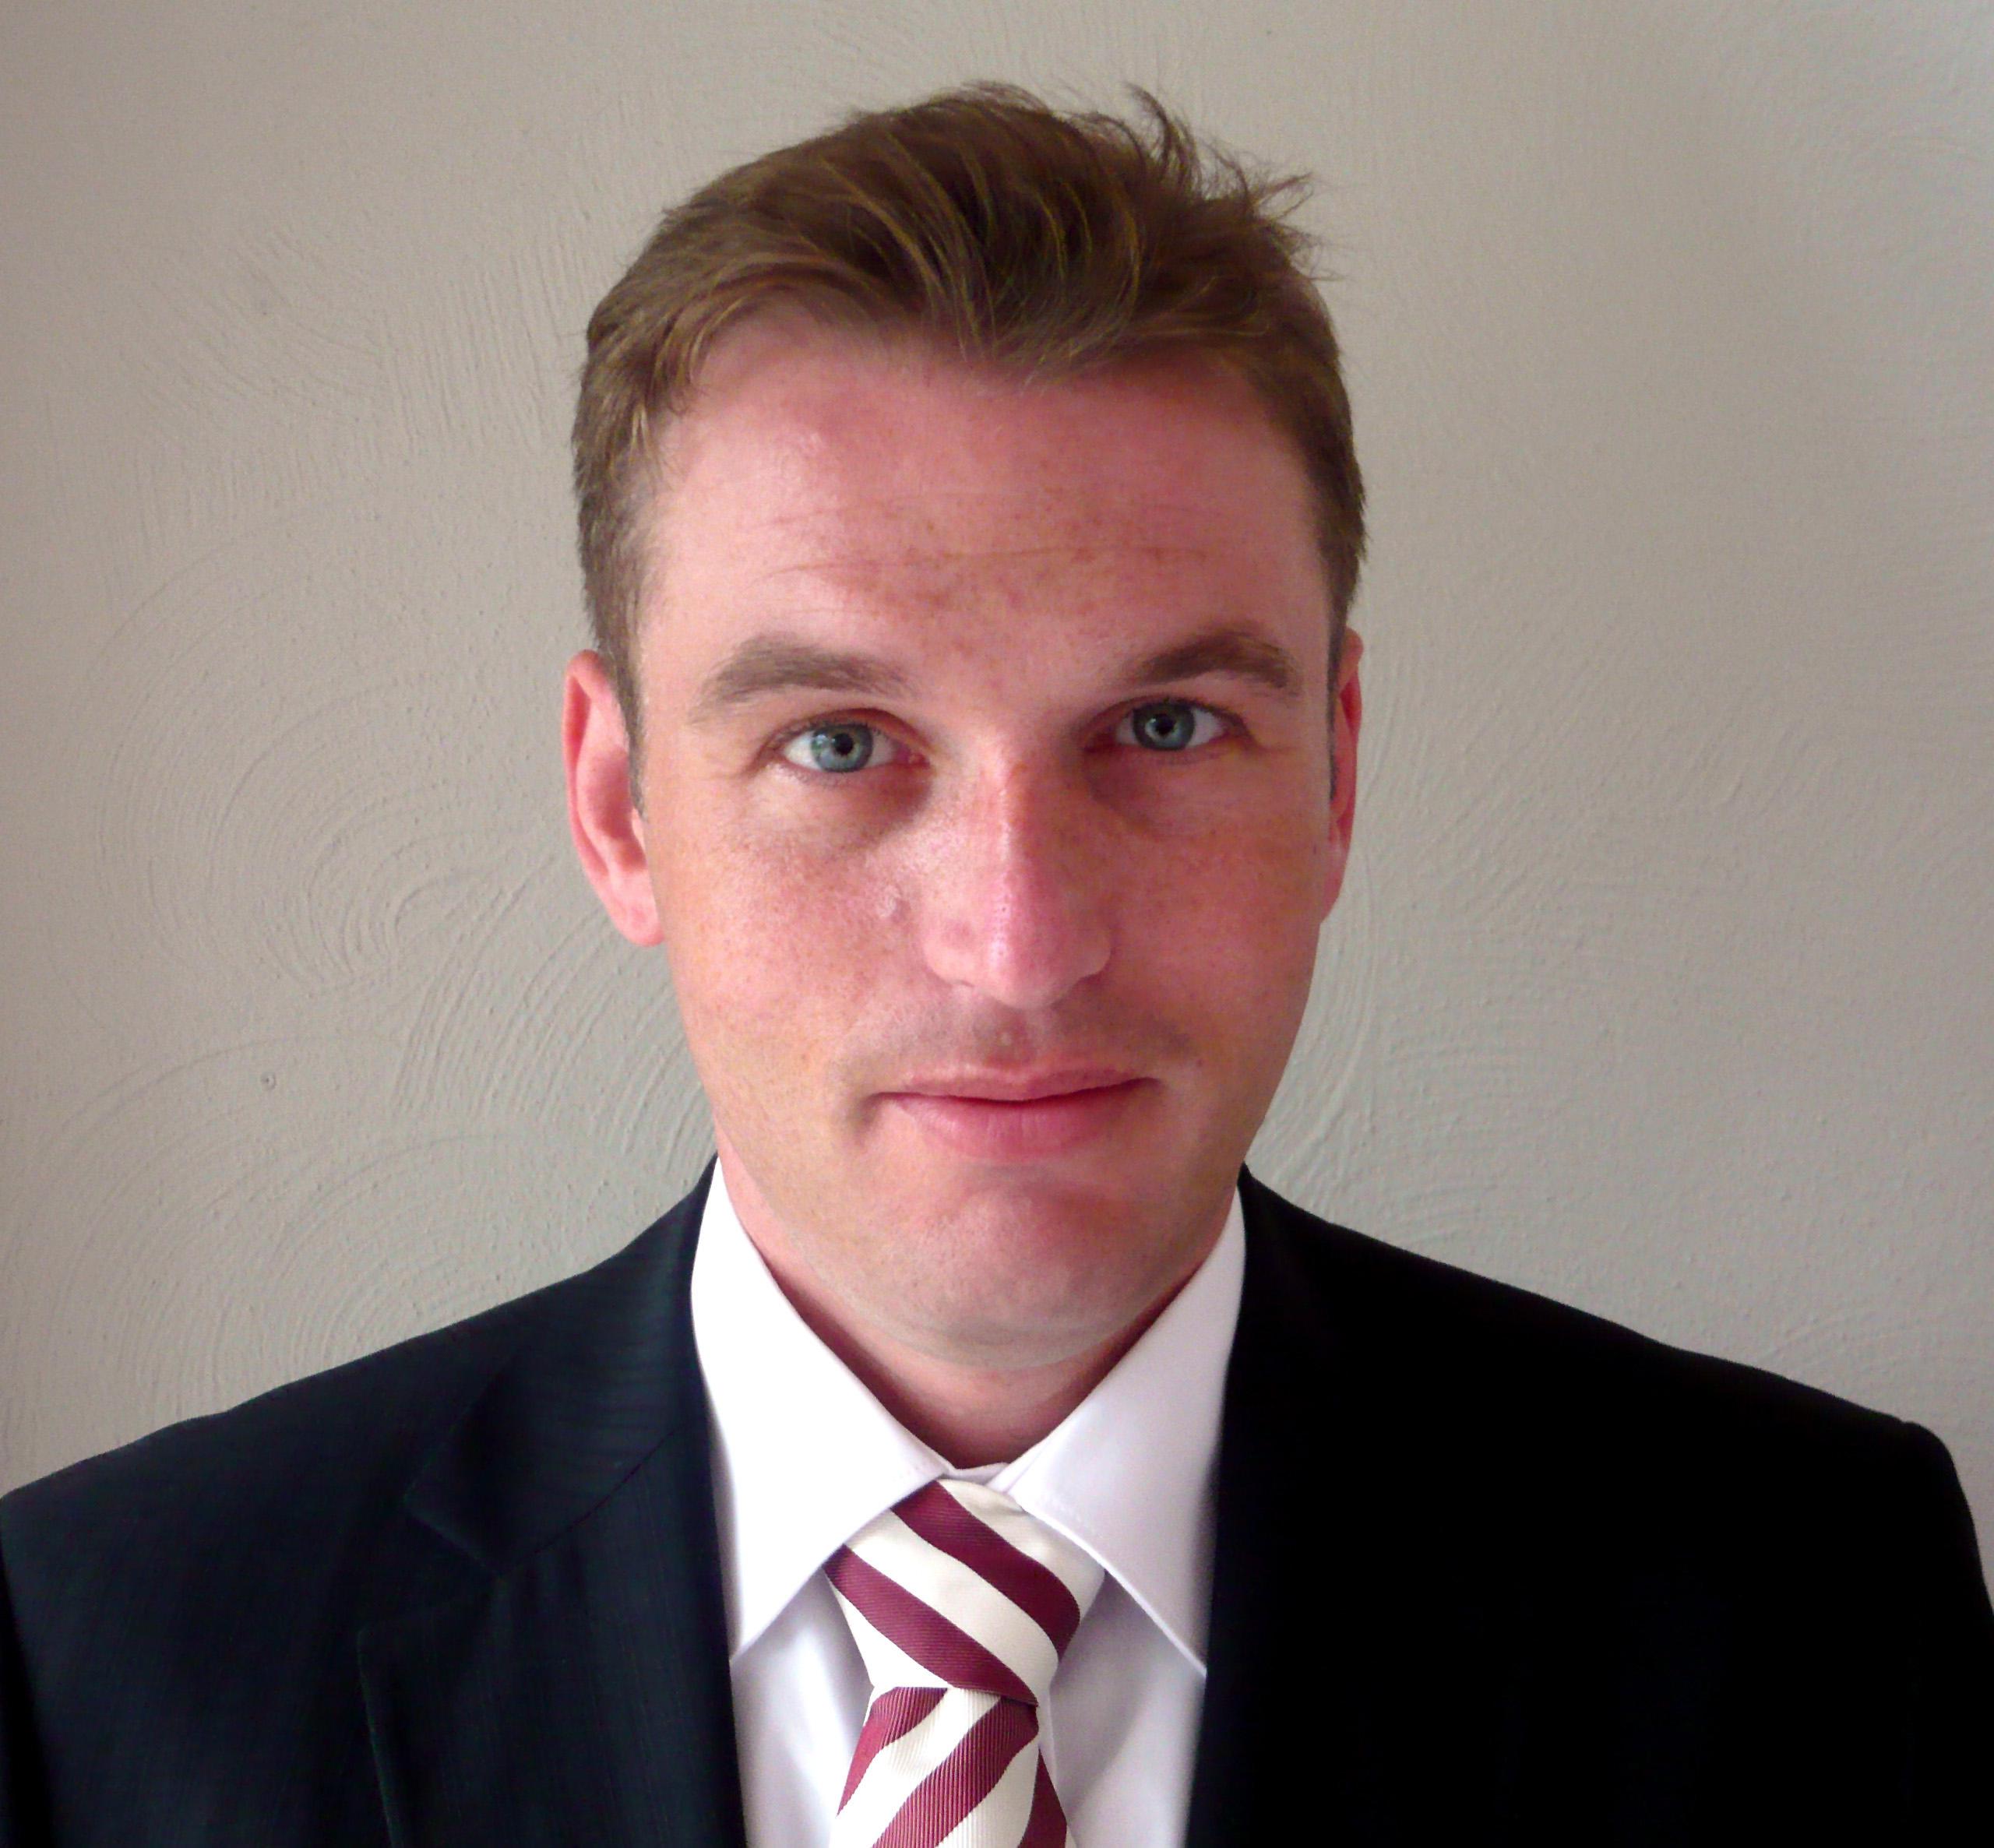 Bild2: <b>Tobias Hofmann</b>, Geschäftsführer der IVH Services - 2207_121333_tobias-hofmann-GF-IVH